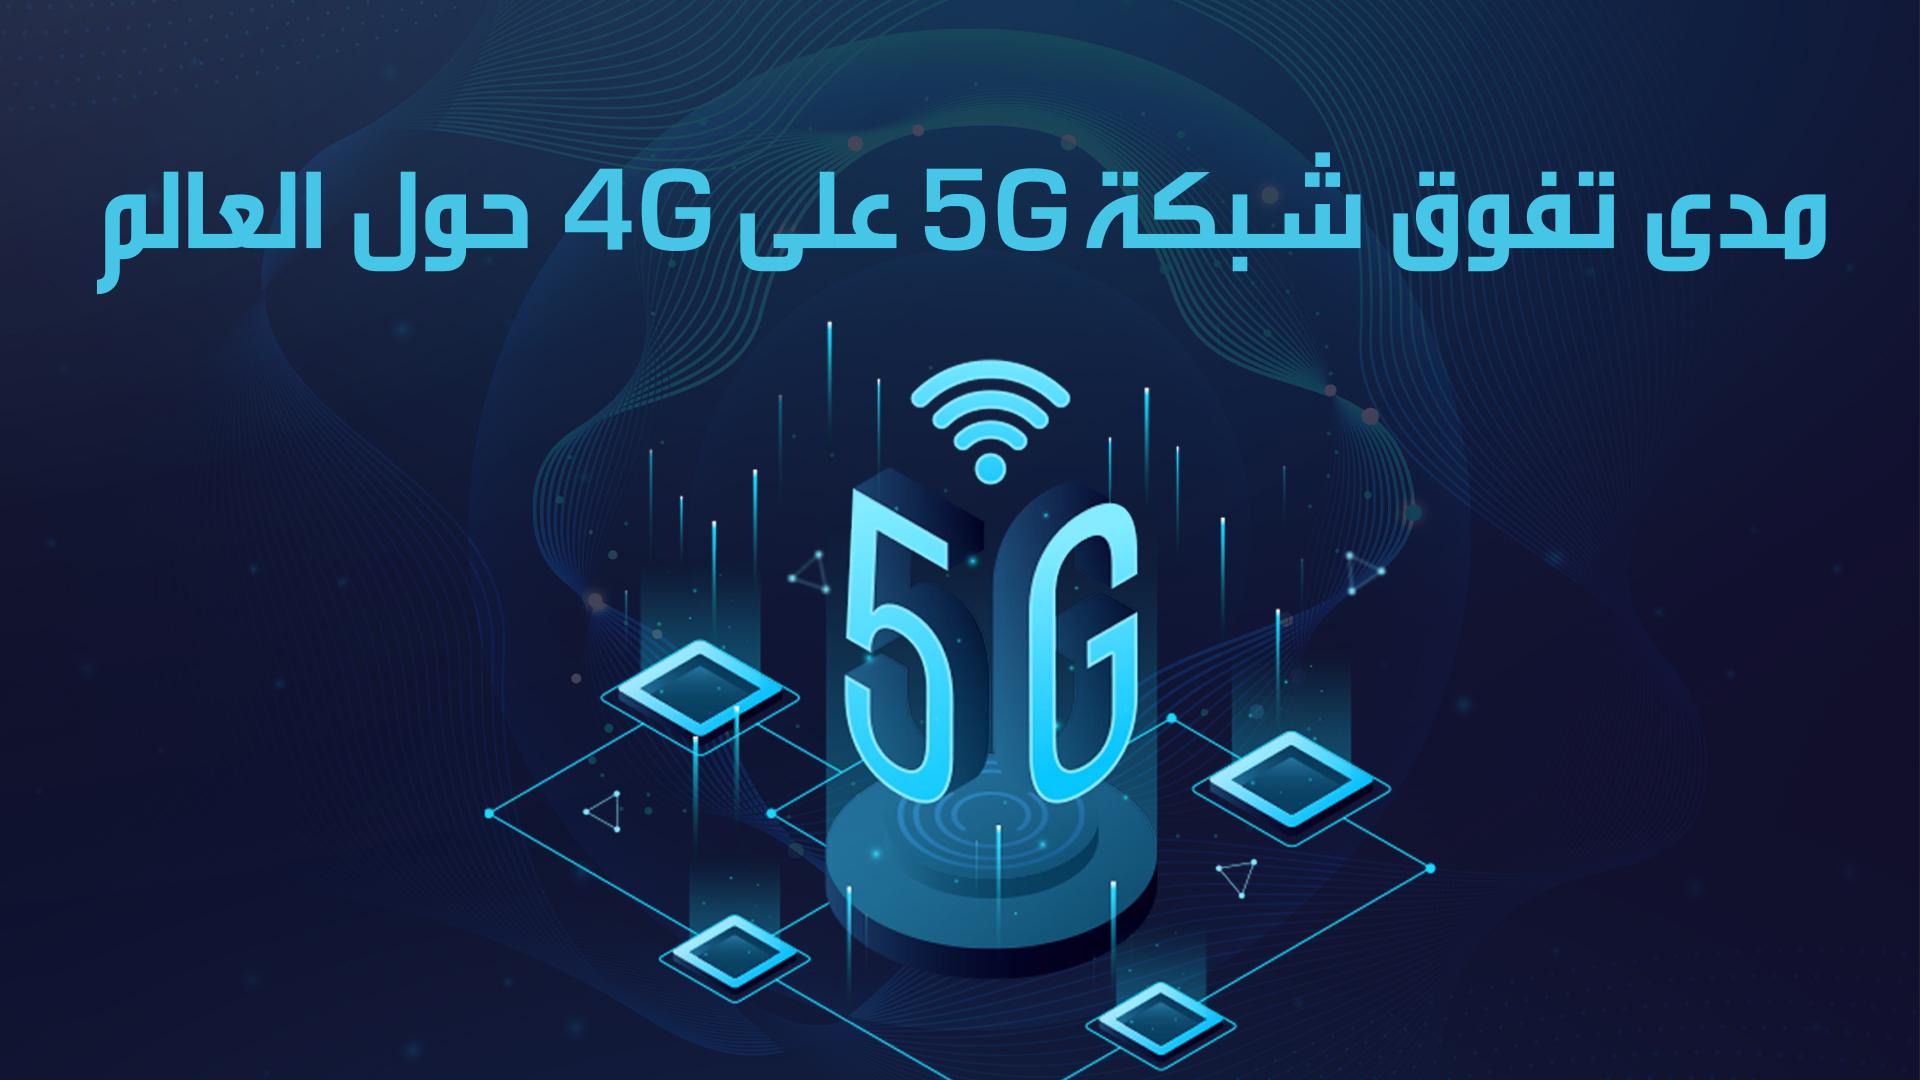 مدى تفوق شبكة 5G على 4G حول العالم